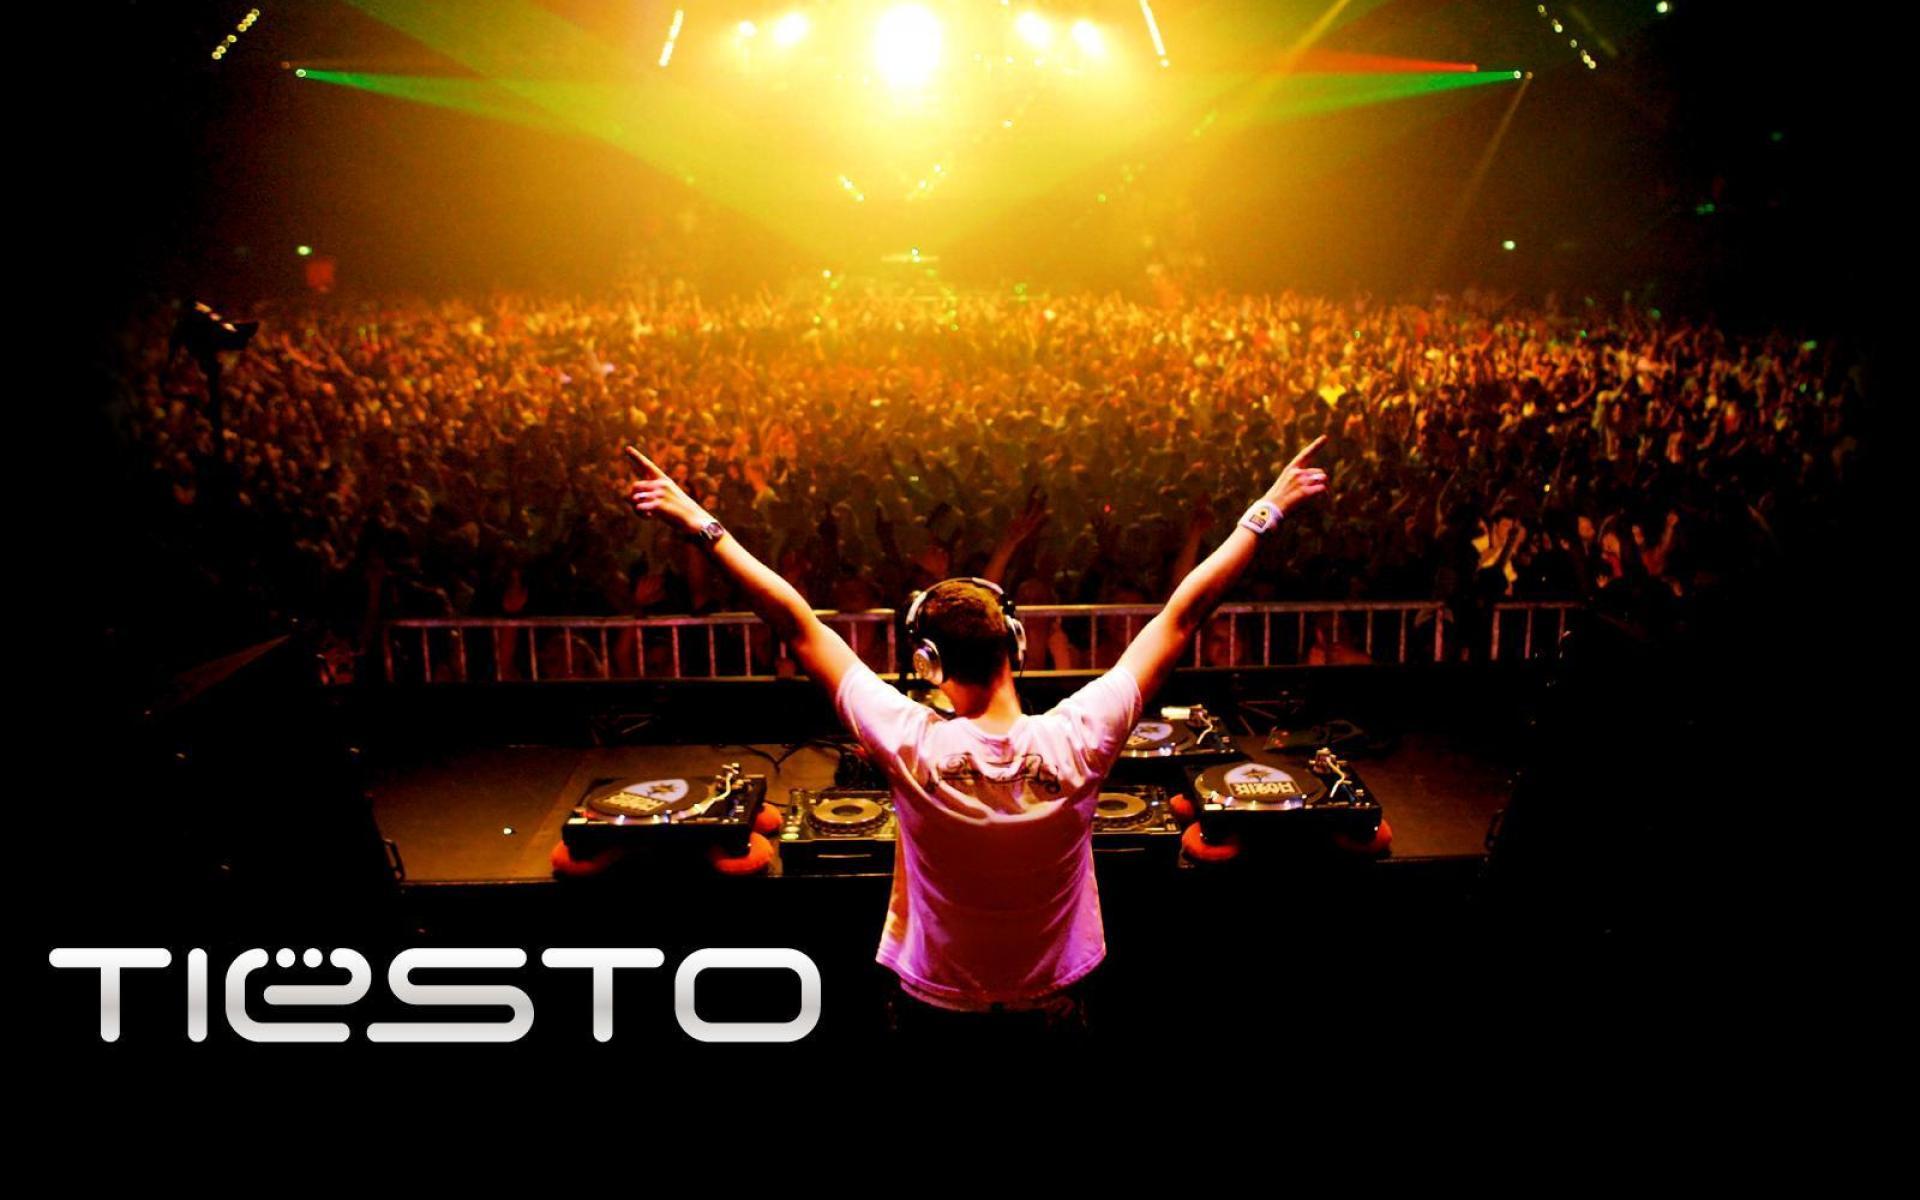 Dj Tiesto Live Customity 1920x1200    165464  dj tiesto HD Wallpaper